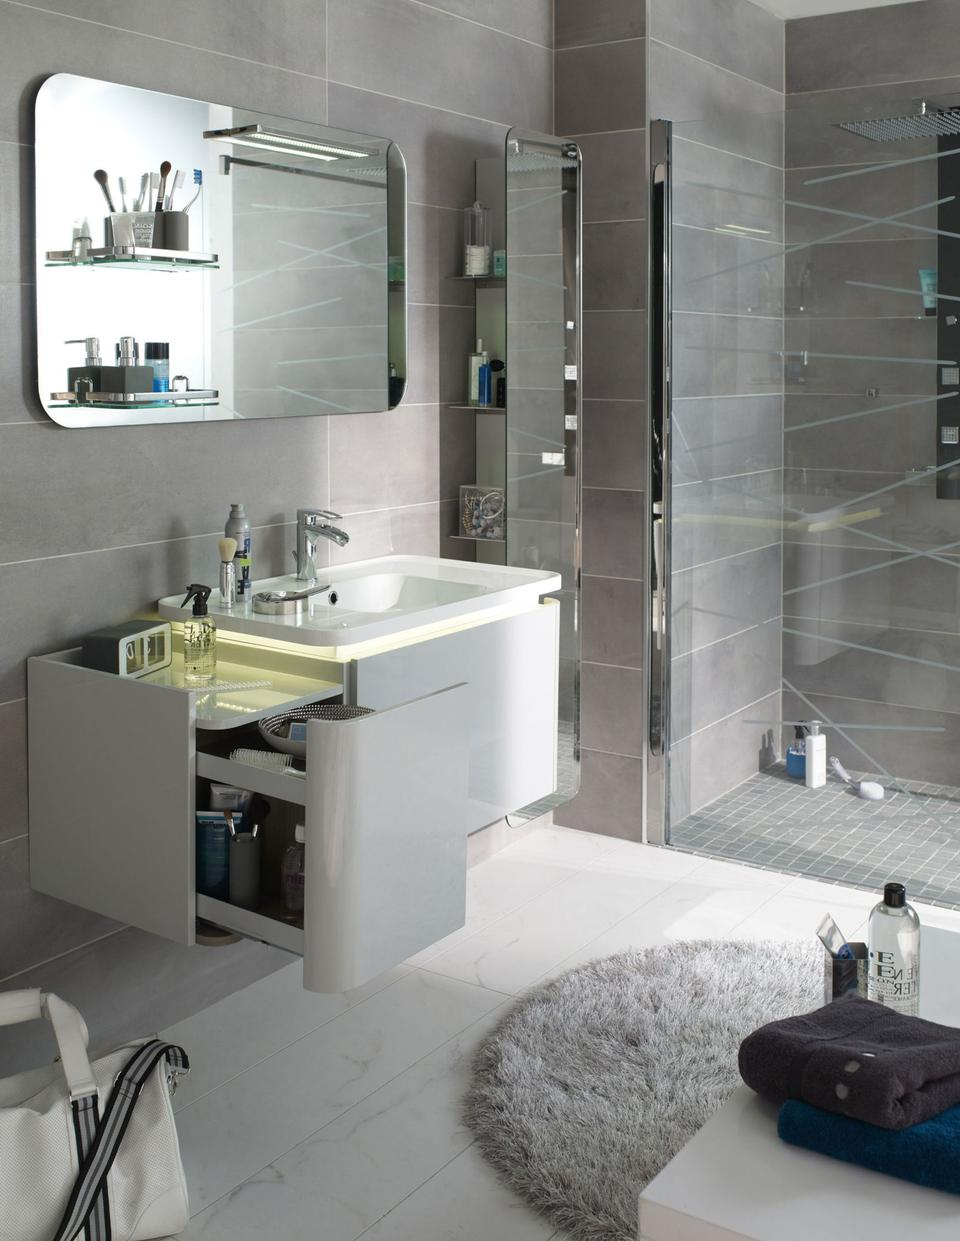 10 astuces pour am nager une petite salle de bains - Salle de bains cedeo ...